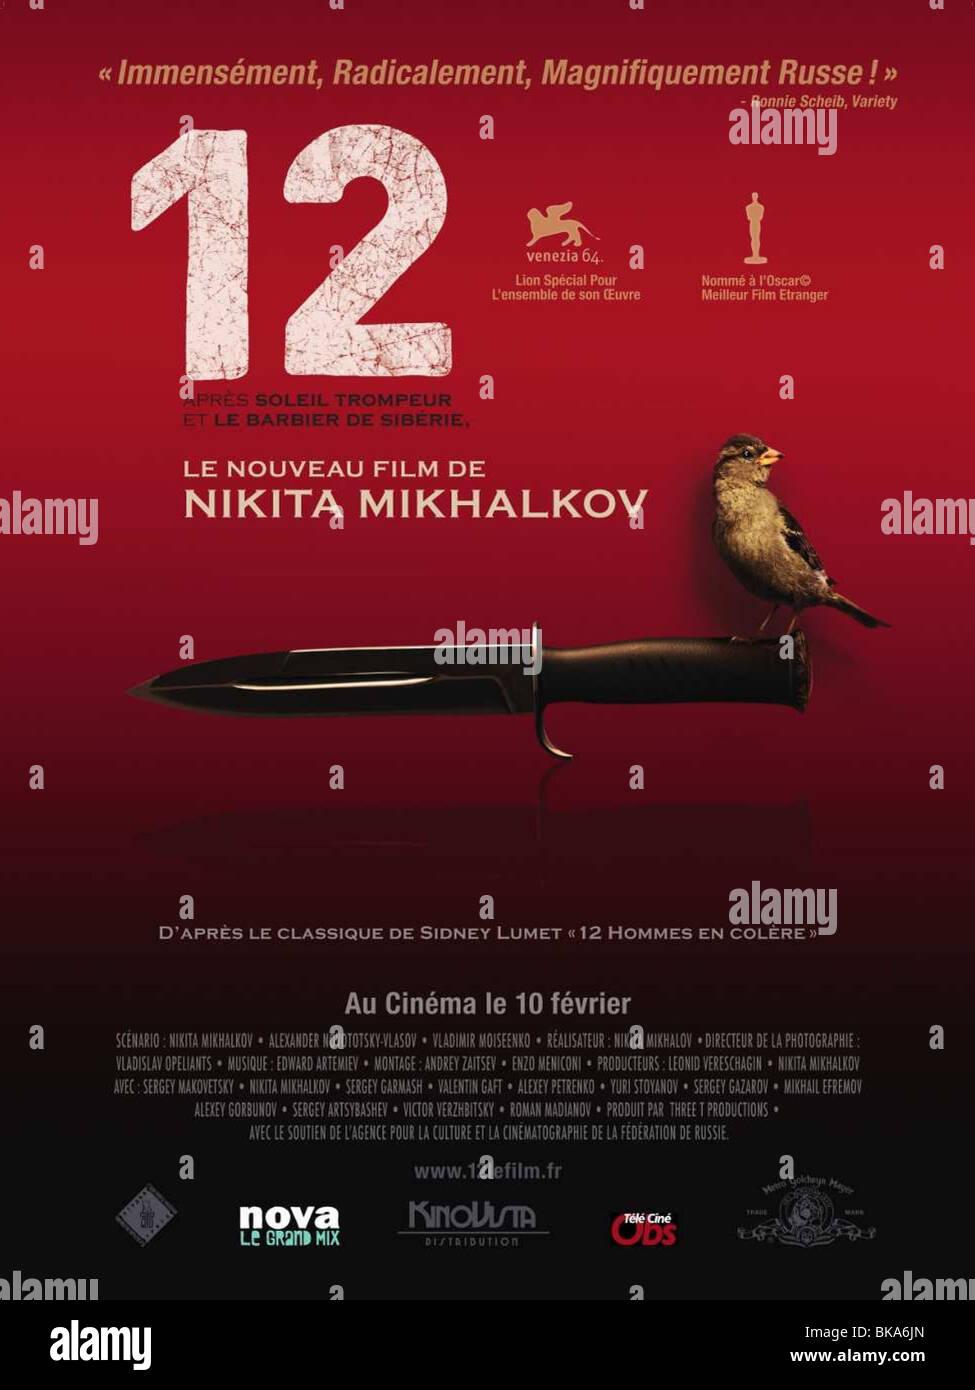 nikita the movie